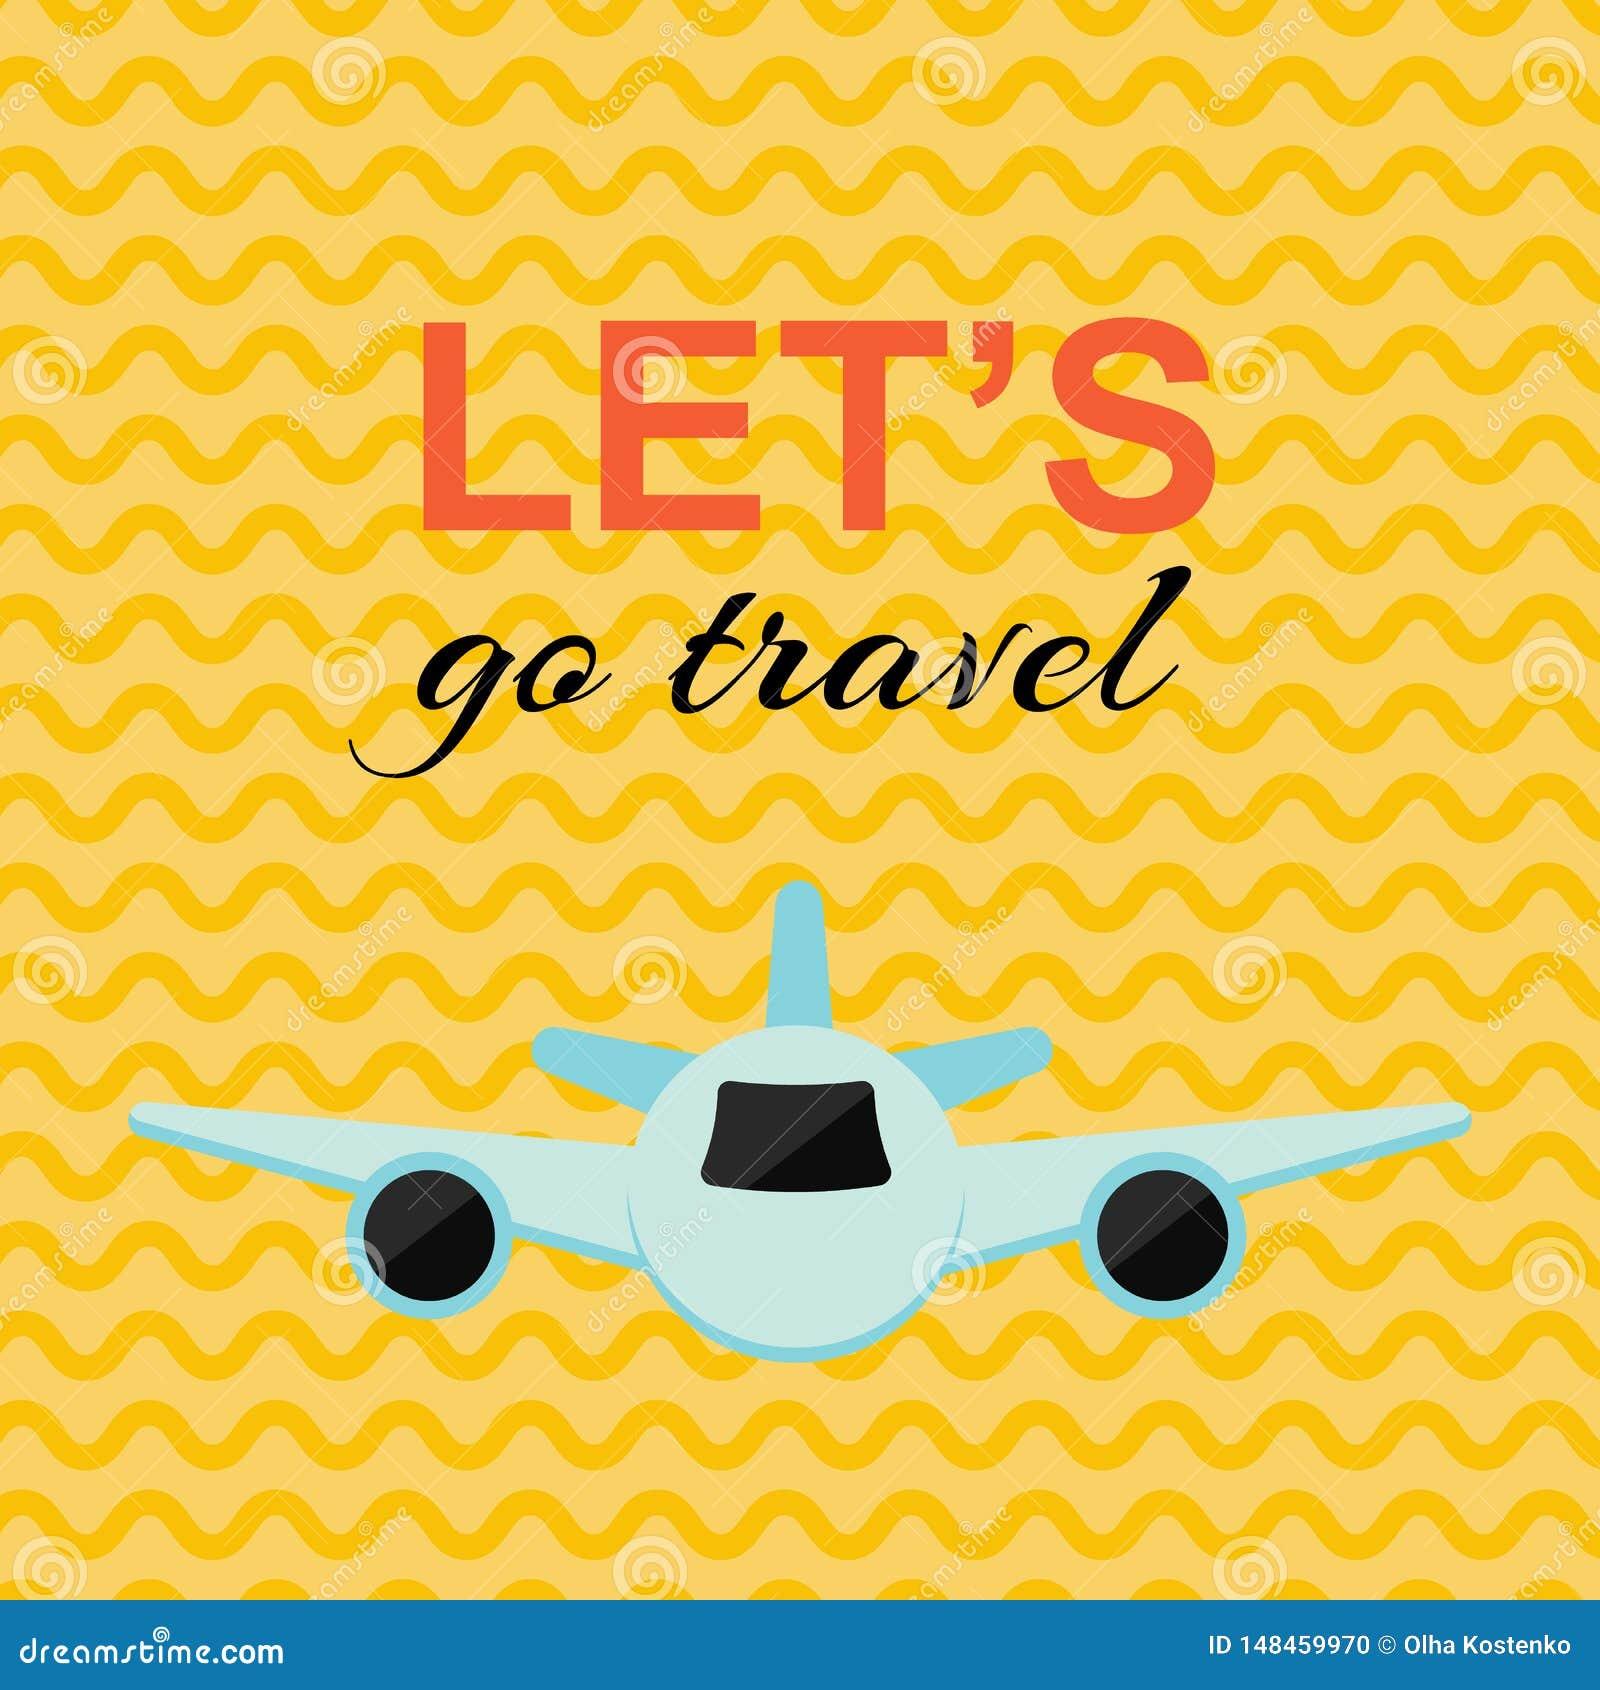 Cartaz de viagem com o plano e o fundo amarelo